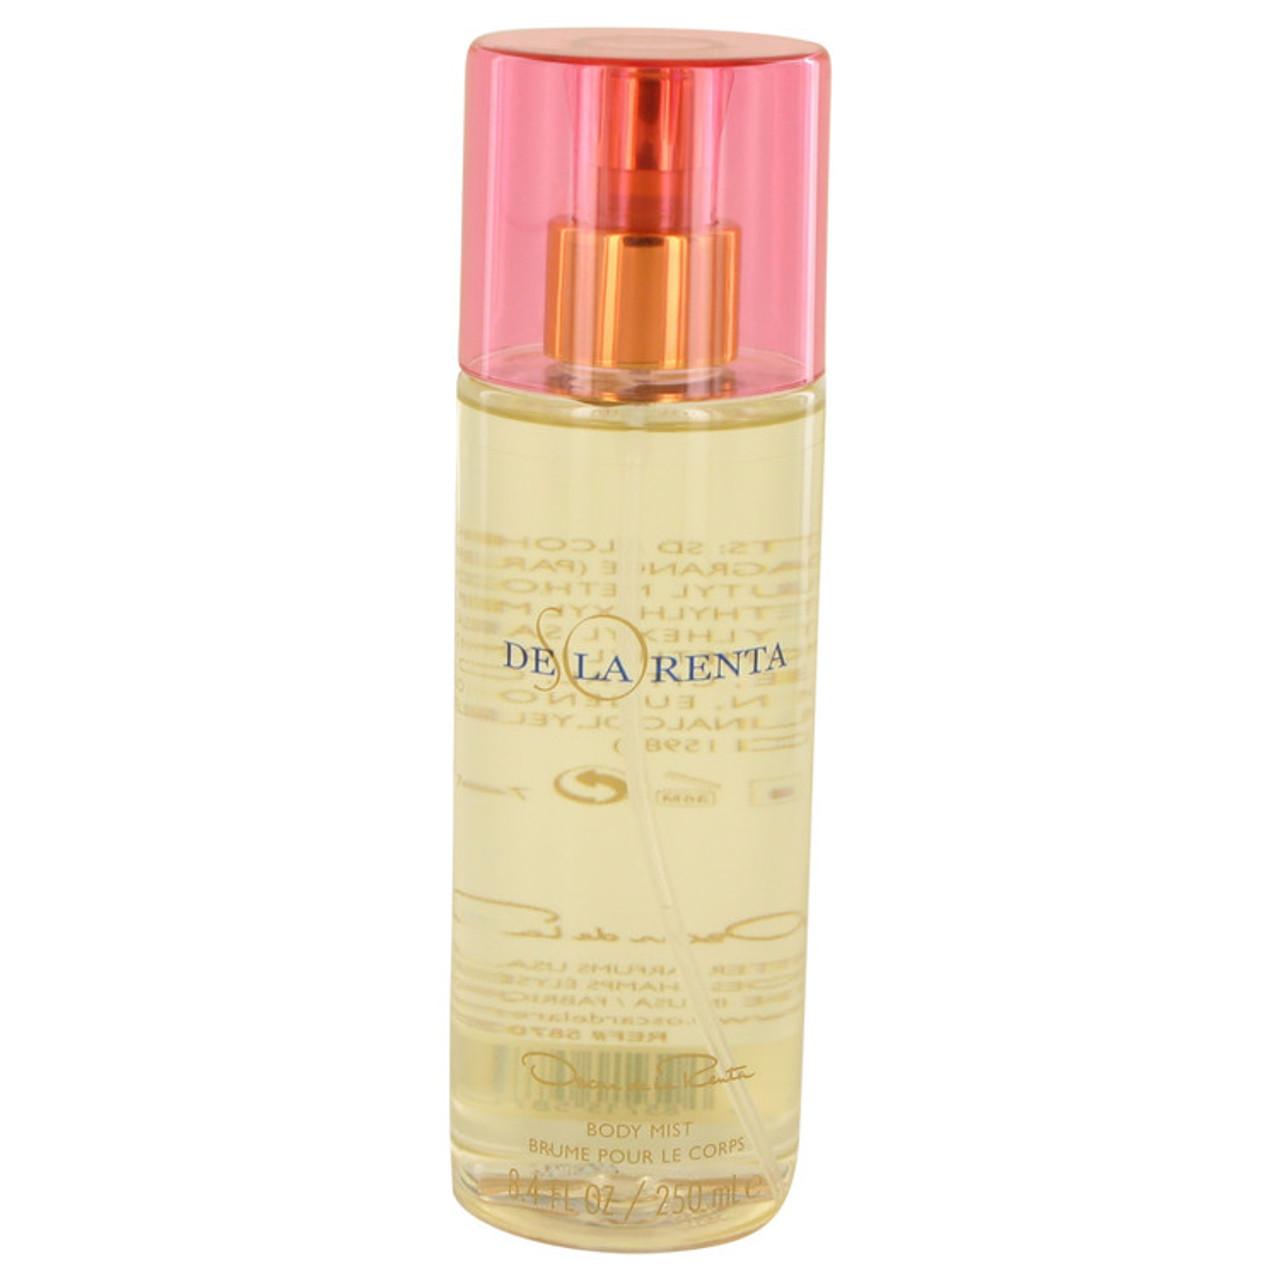 SO DE LA RENTA by Oscar de la Renta Body Spray 8.4 oz for Women - *Special Order